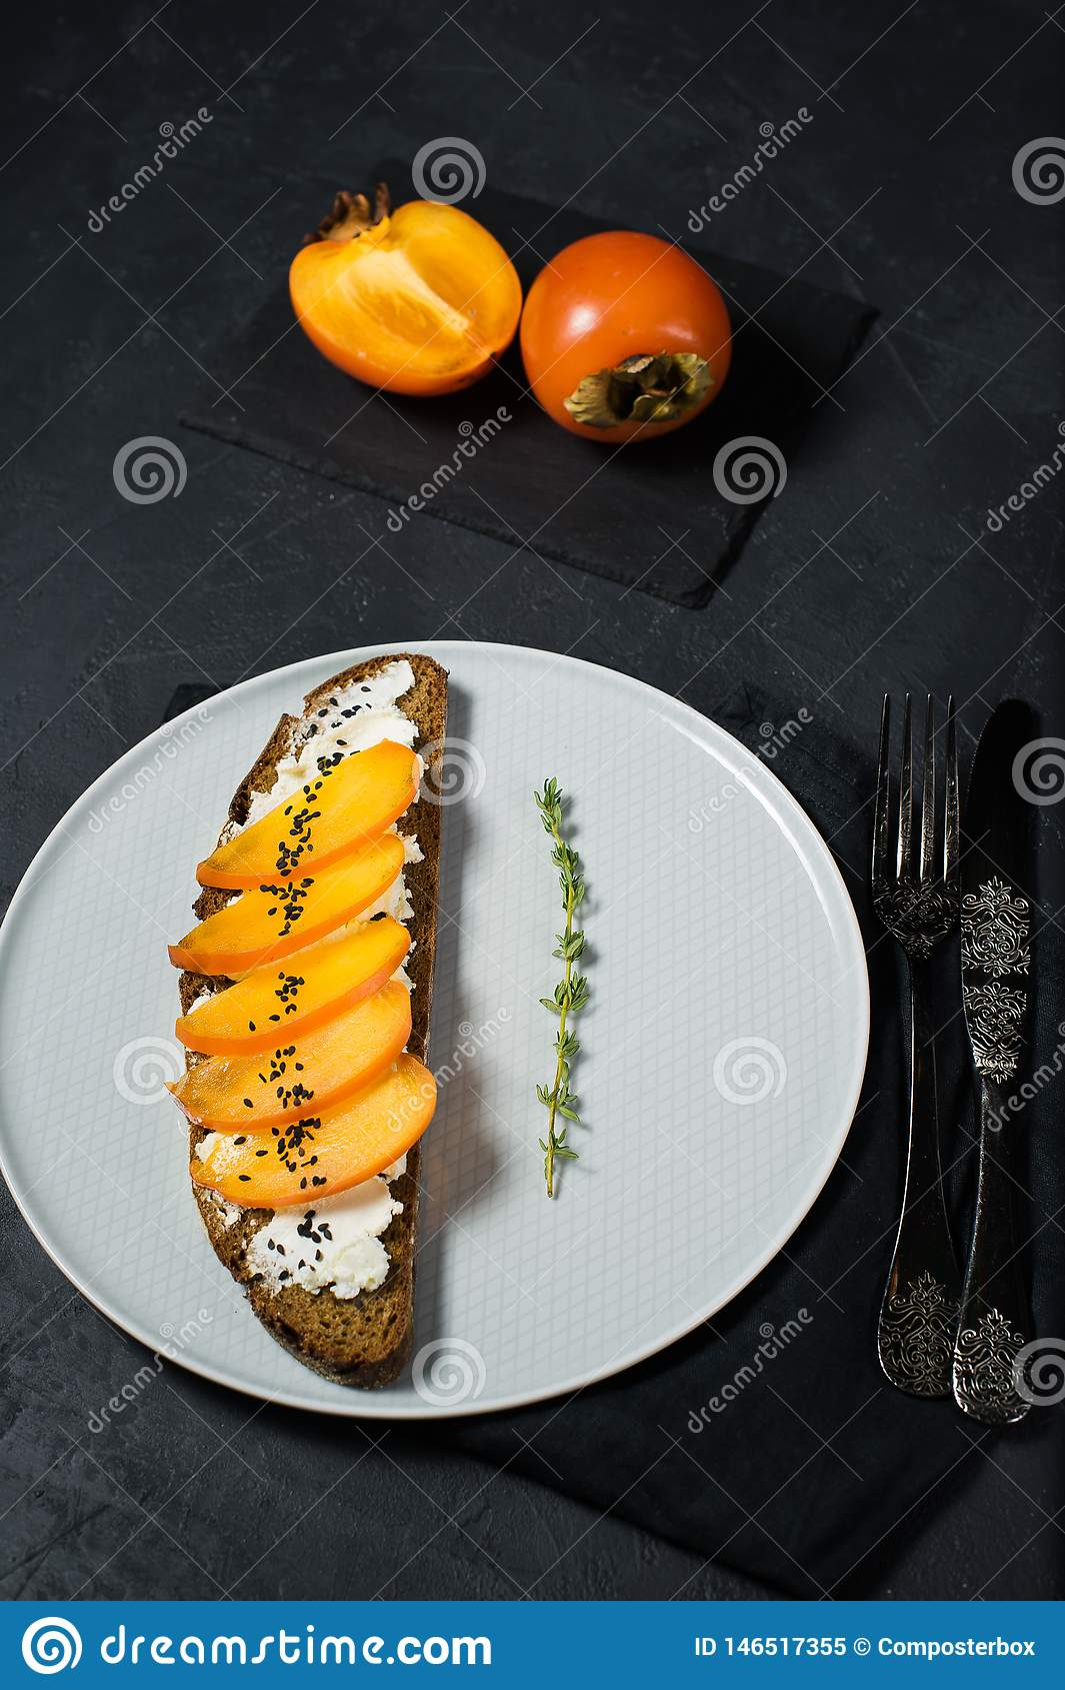 Σάντουιτς με persimmon και μαλακό τυρί σε ένα μαύρο υπόβαθρο